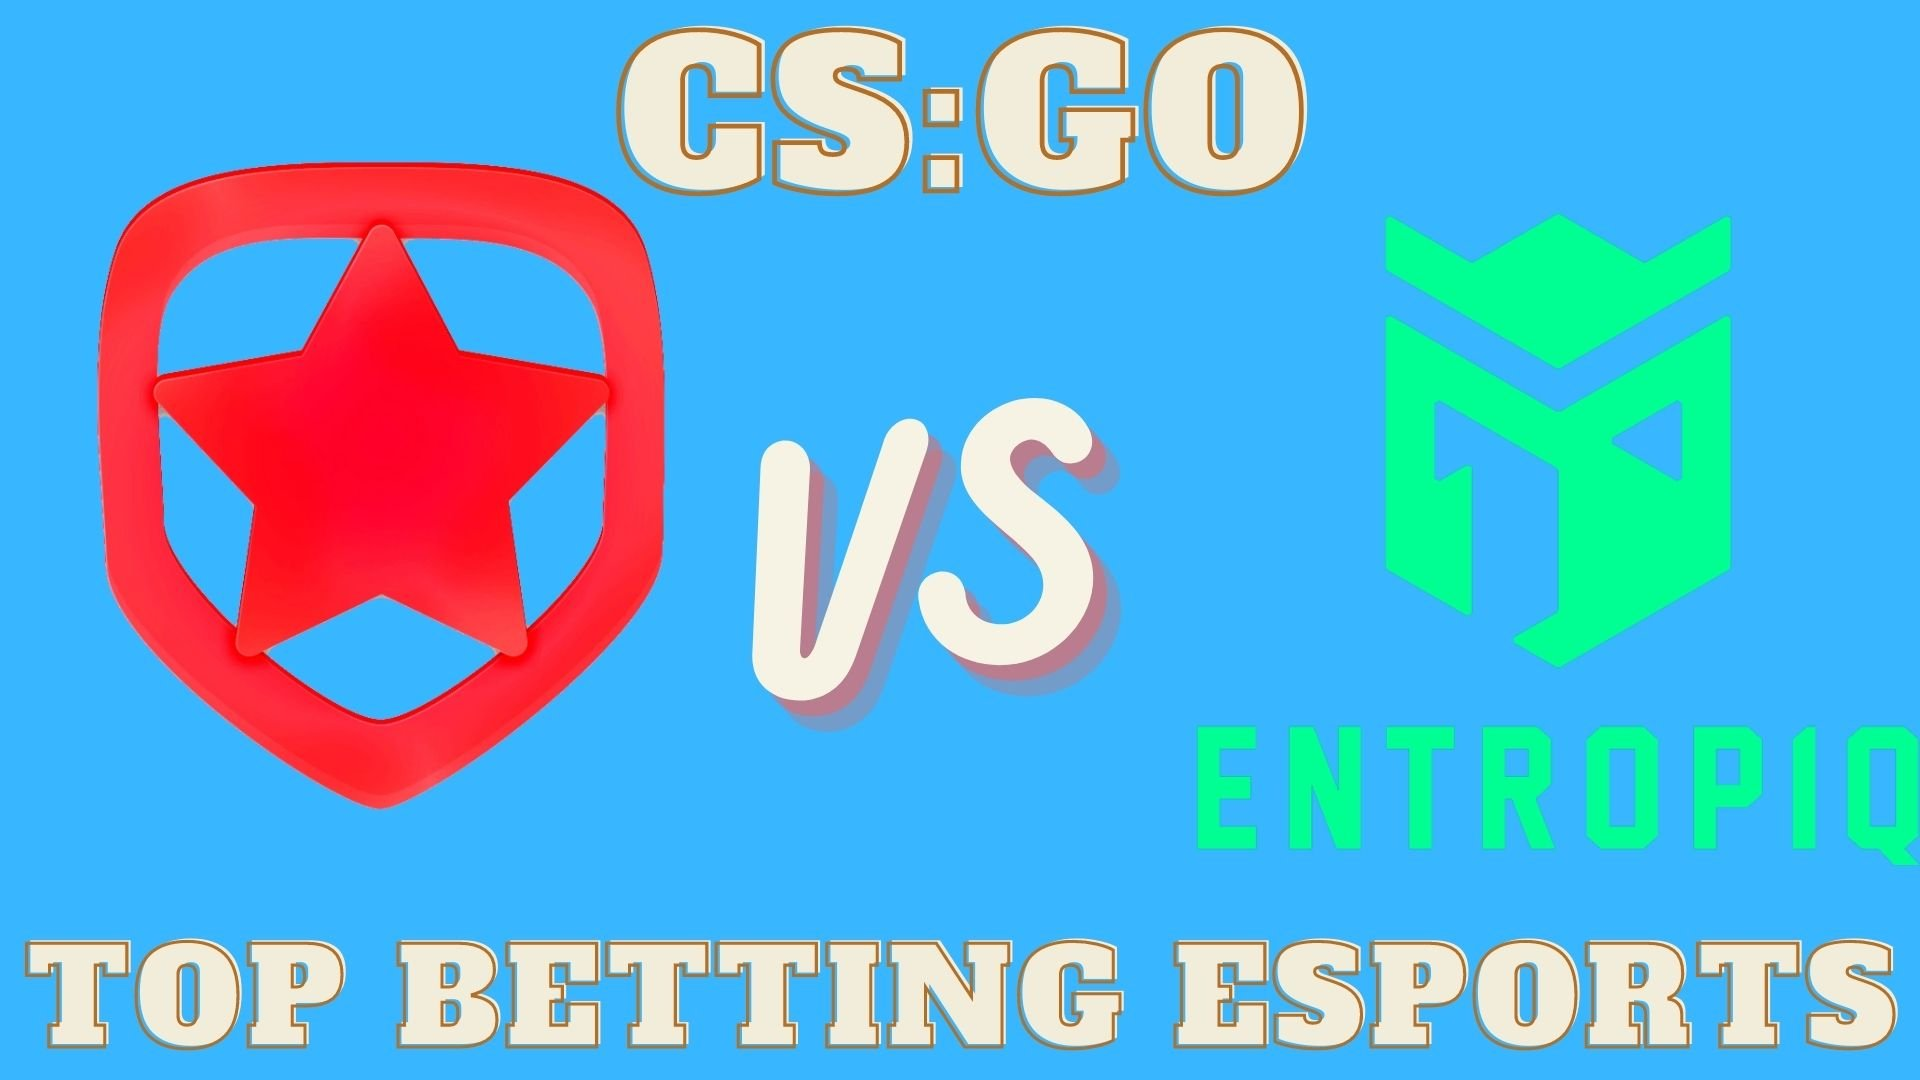 CS:GO Gambit vs Entropic prediction